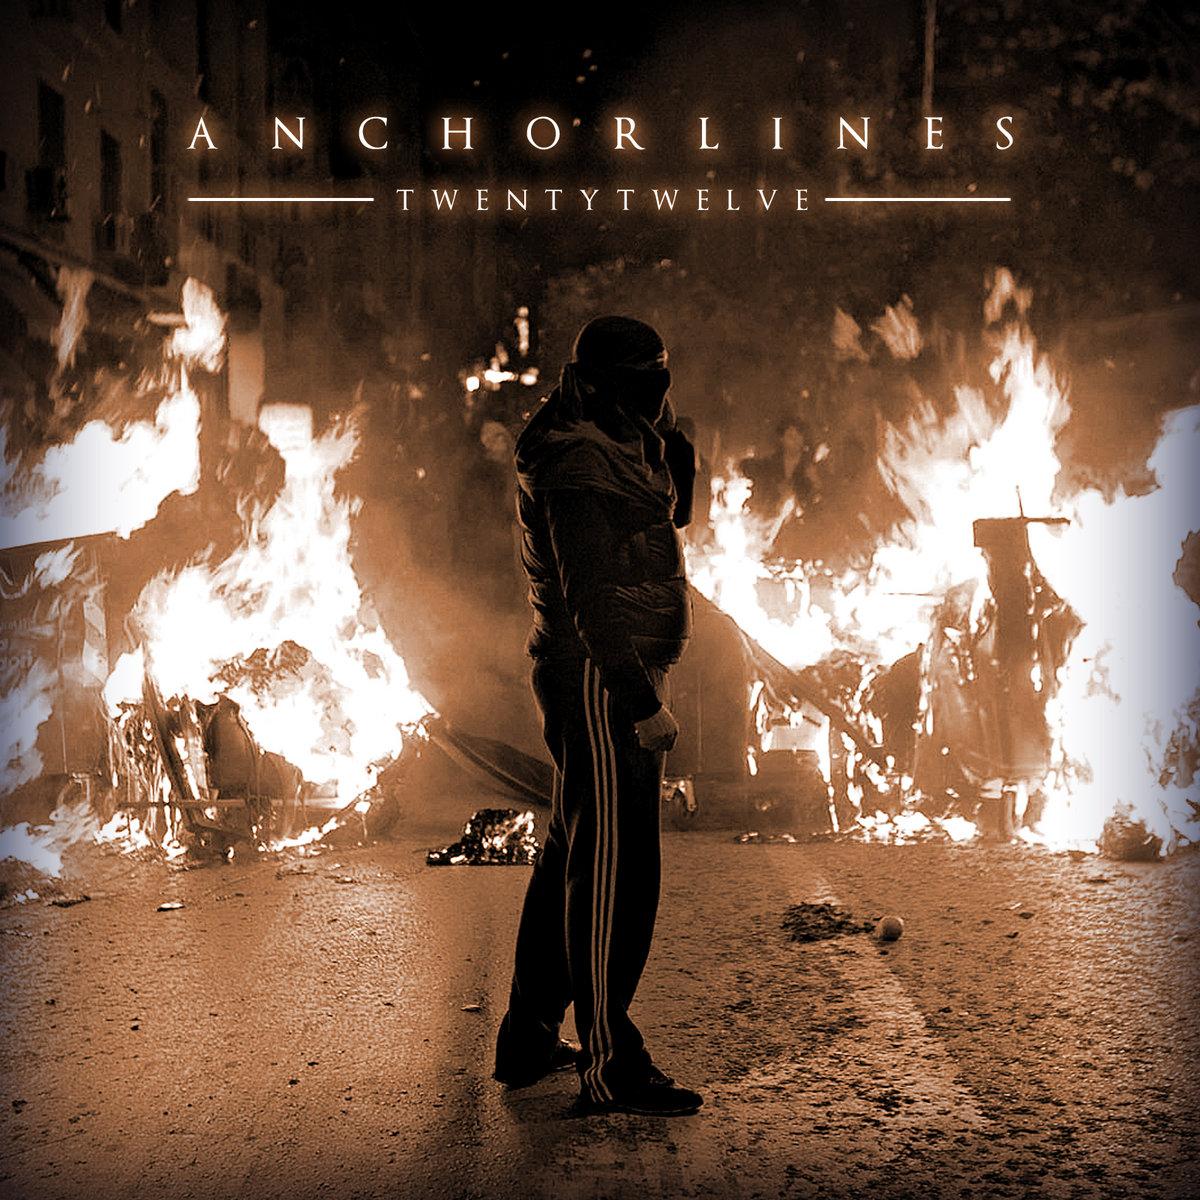 anchorlines twenty twelve